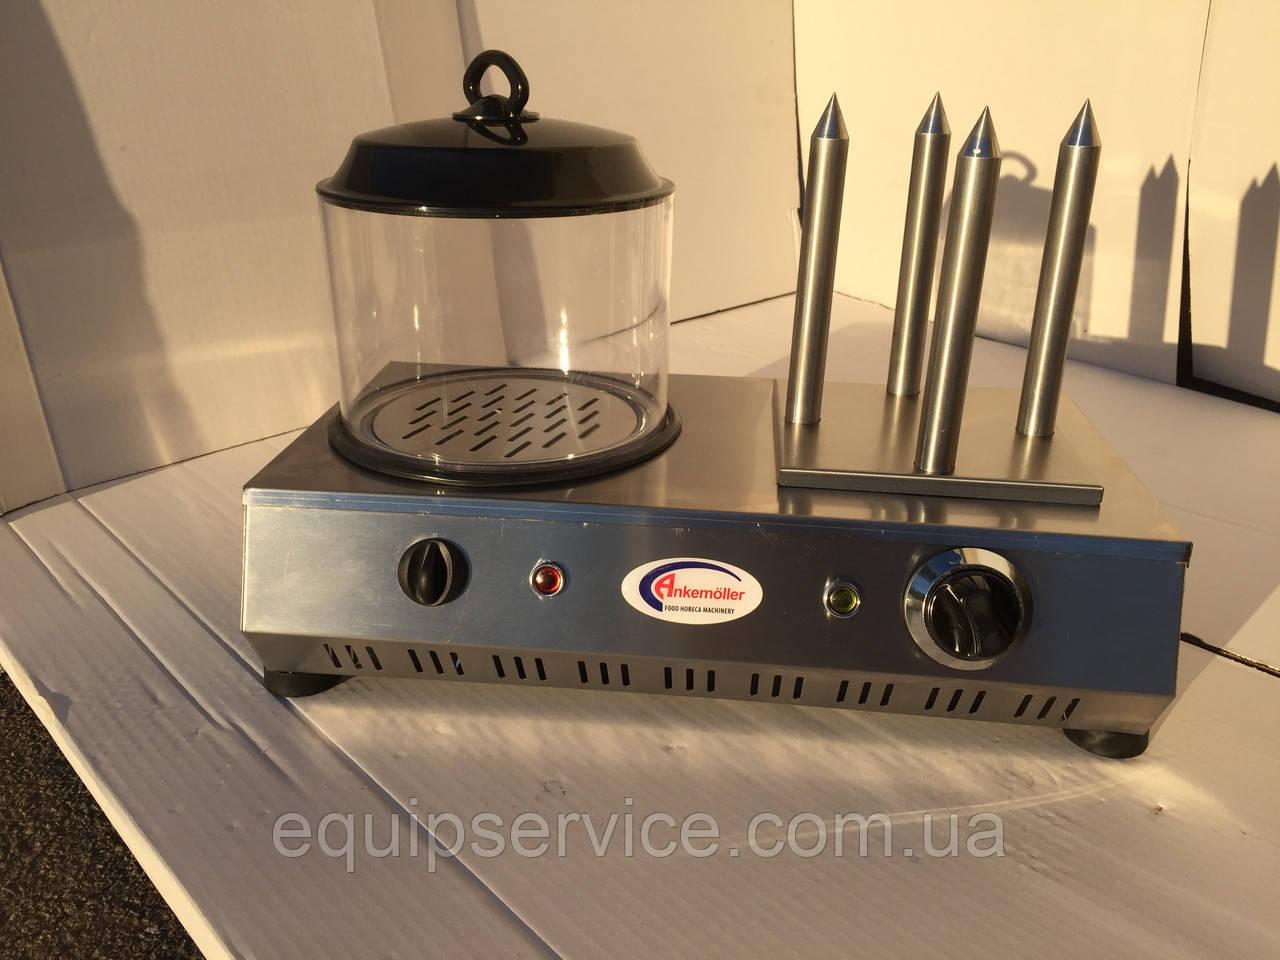 Аппарат для приготовления хот догов Ankemoller HHD-4